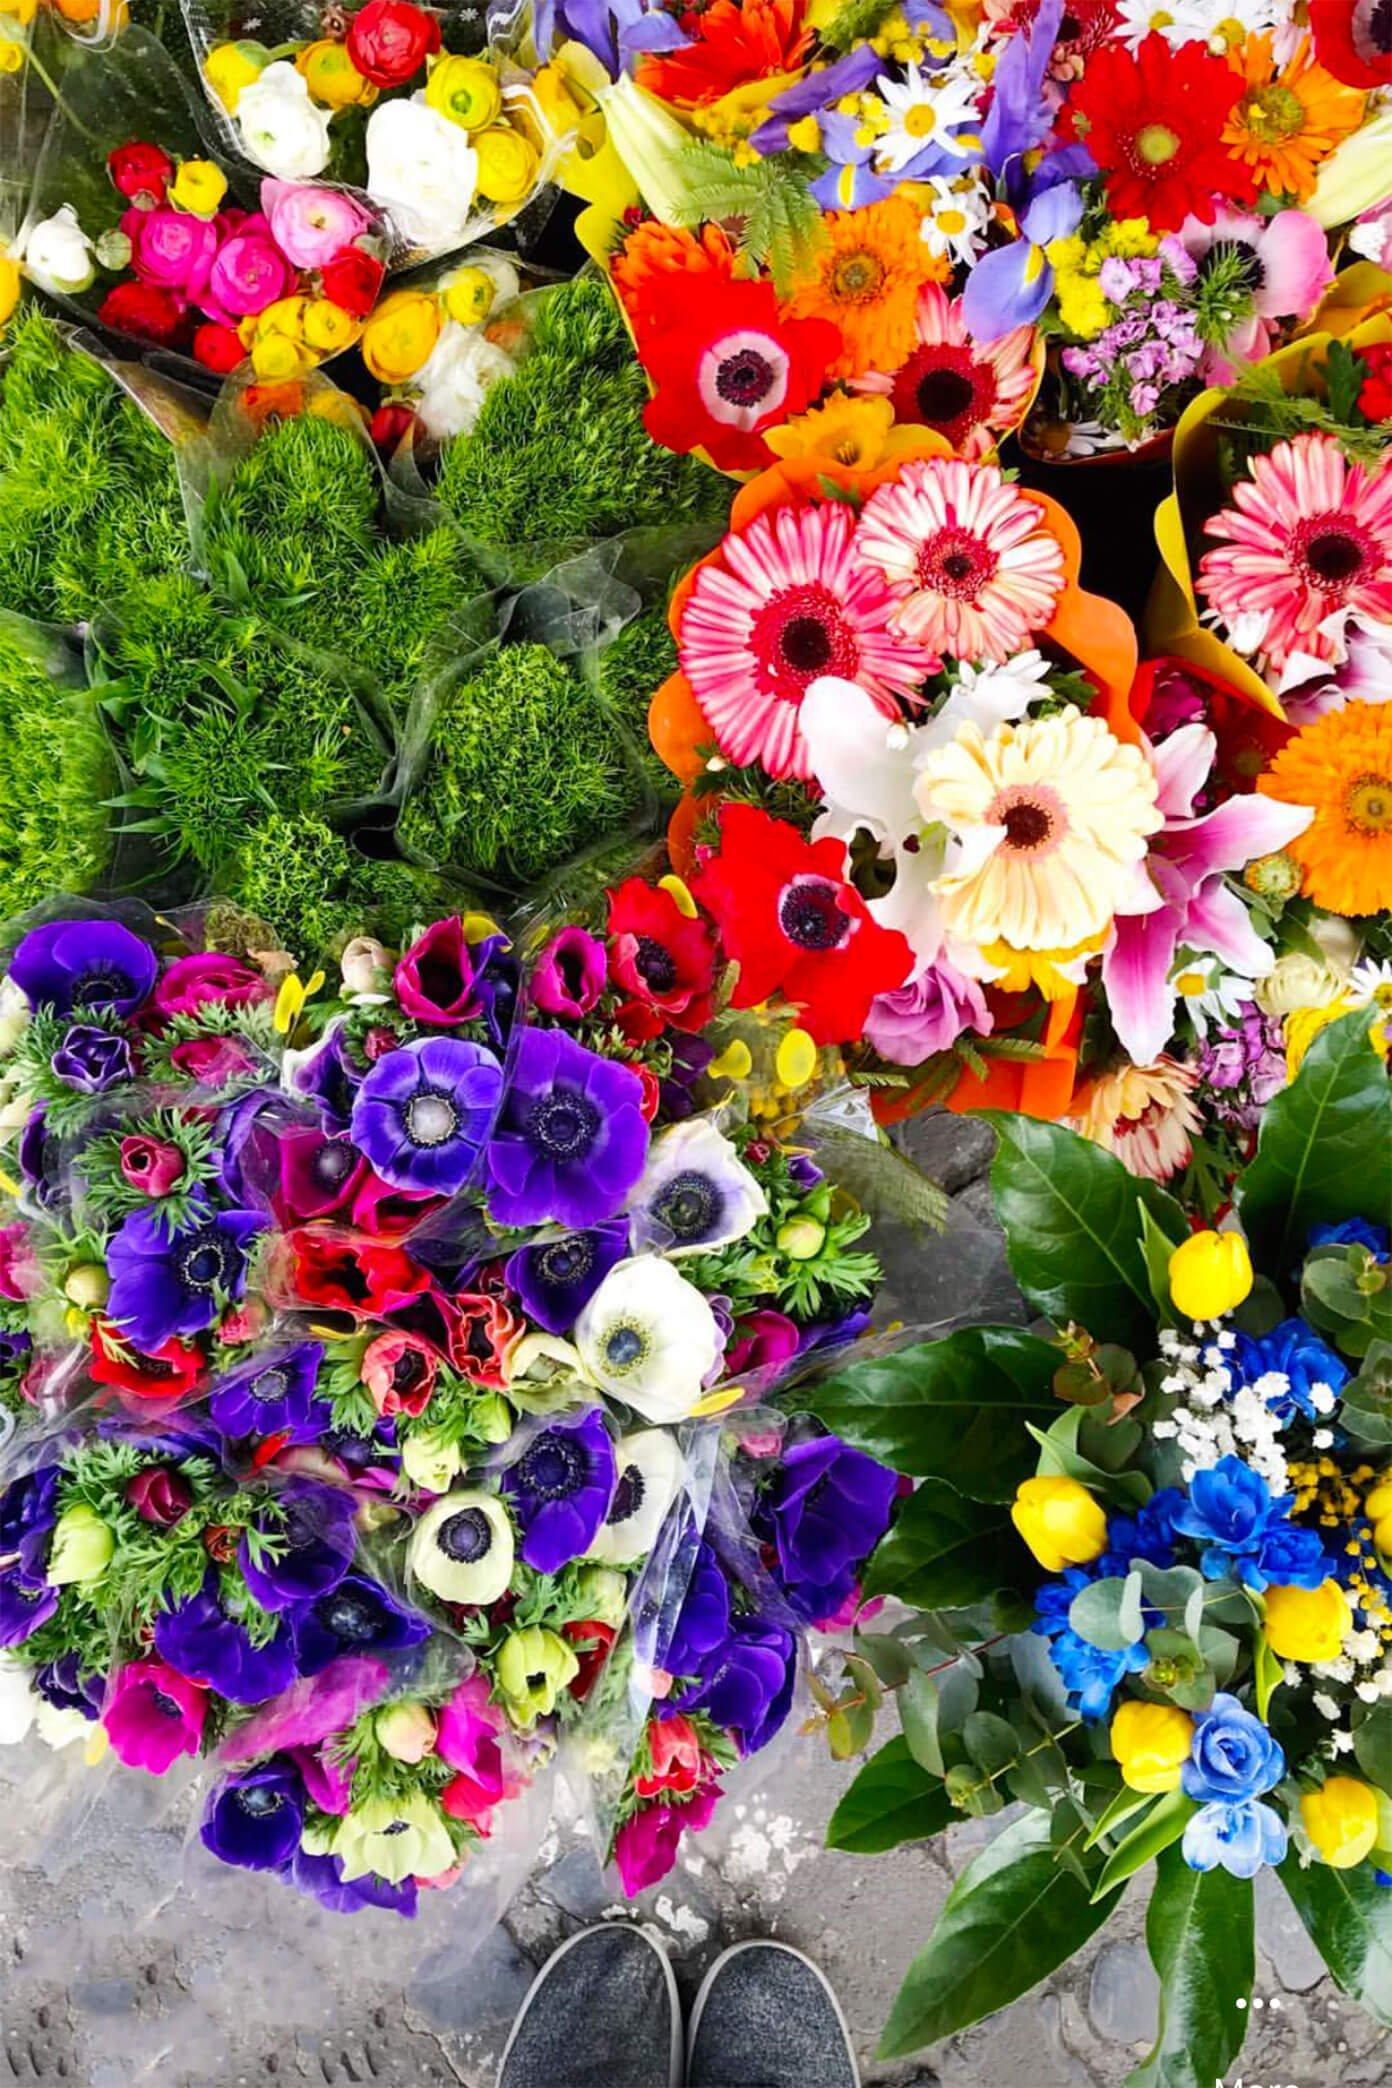 Flower Market in Rome